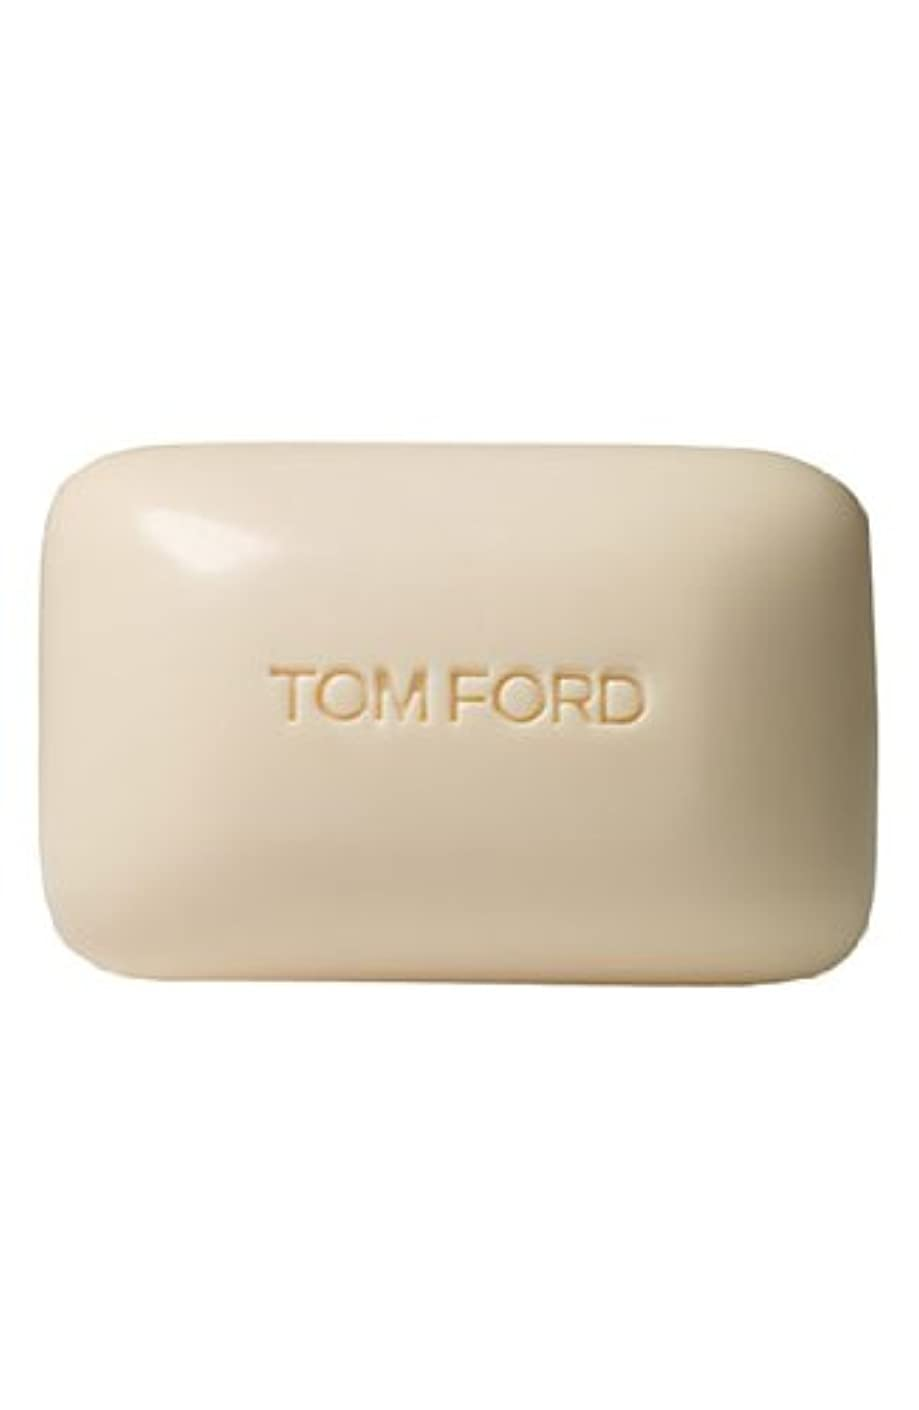 起こりやすい言い聞かせる踊り子Tom Ford Private Blend 'Neroli Portofino' (トムフォード プライベートブレンド ネロリポートフィーノ) 5.5 oz (165ml) Bar Soap (固形石鹸)